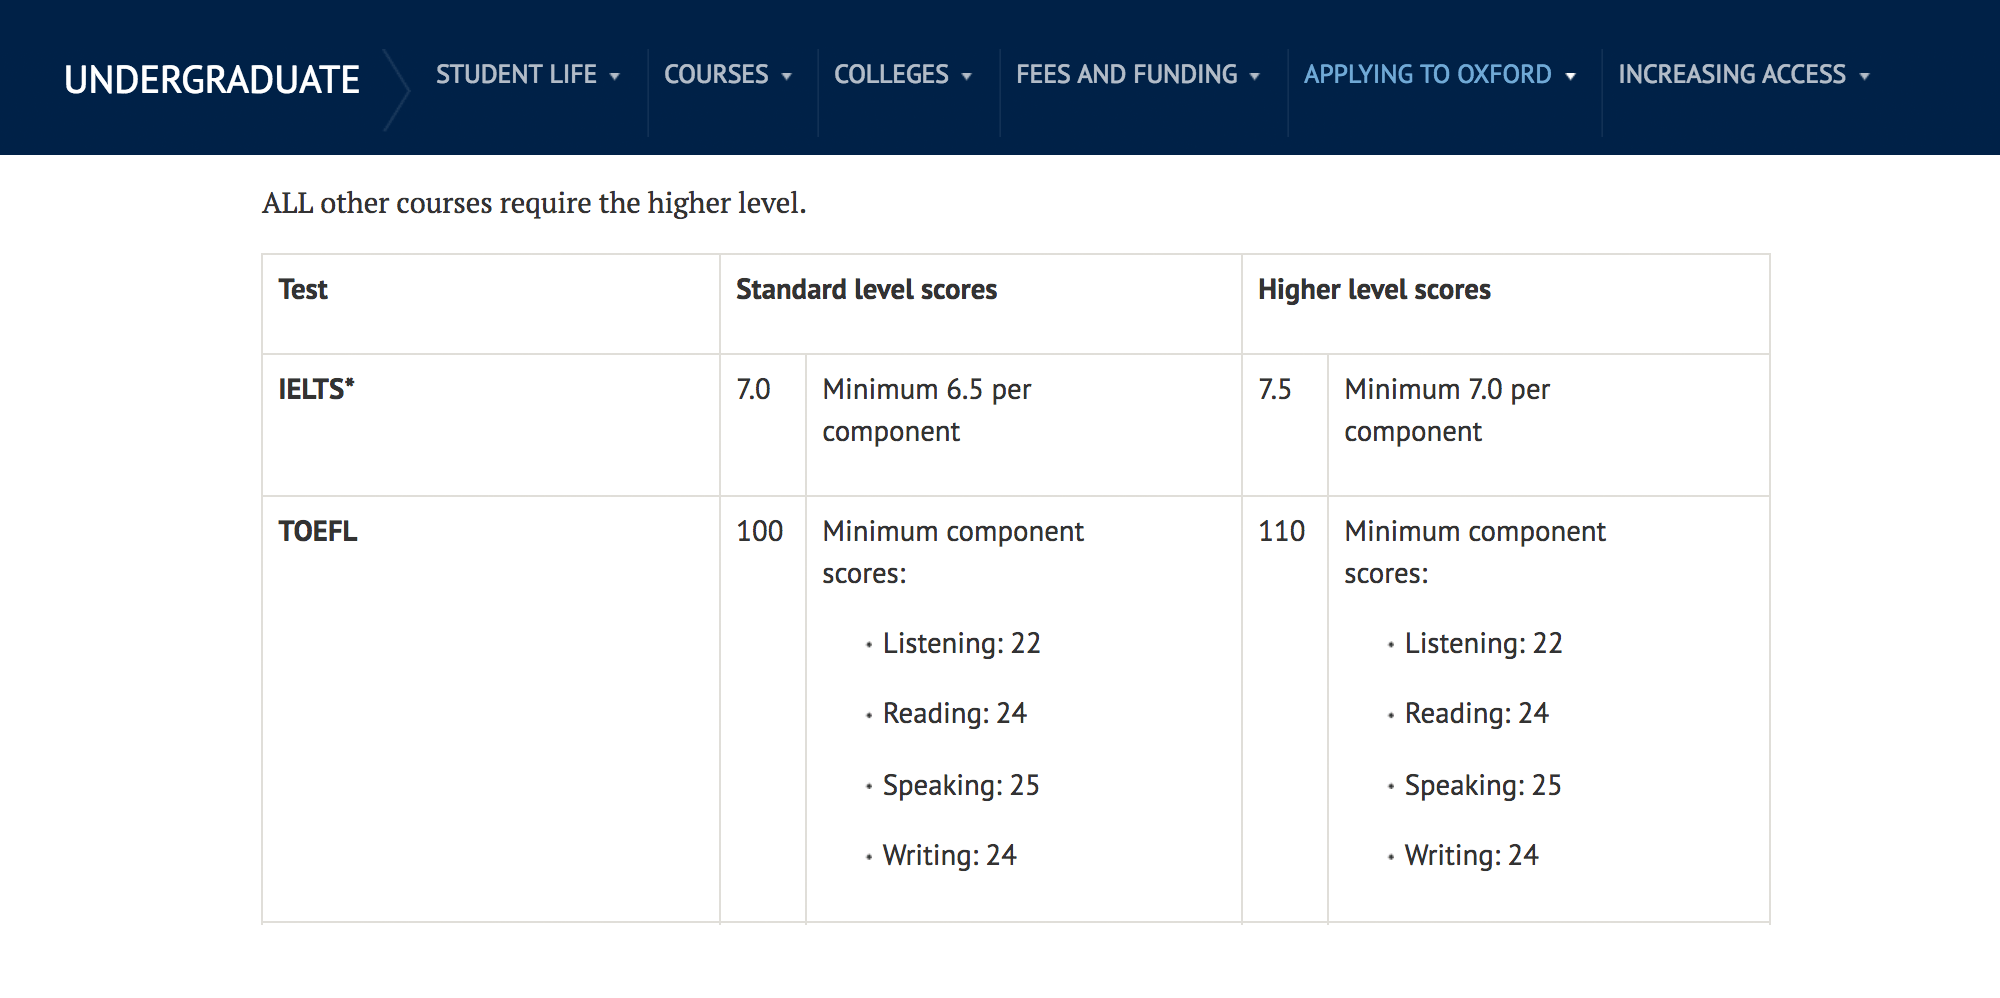 Требования Оксфордского университета к абитуриентам: базовые оценки подойдут тем, кто поступает на математический и компьютерный факультеты, повышенные — дляостальных специальностей